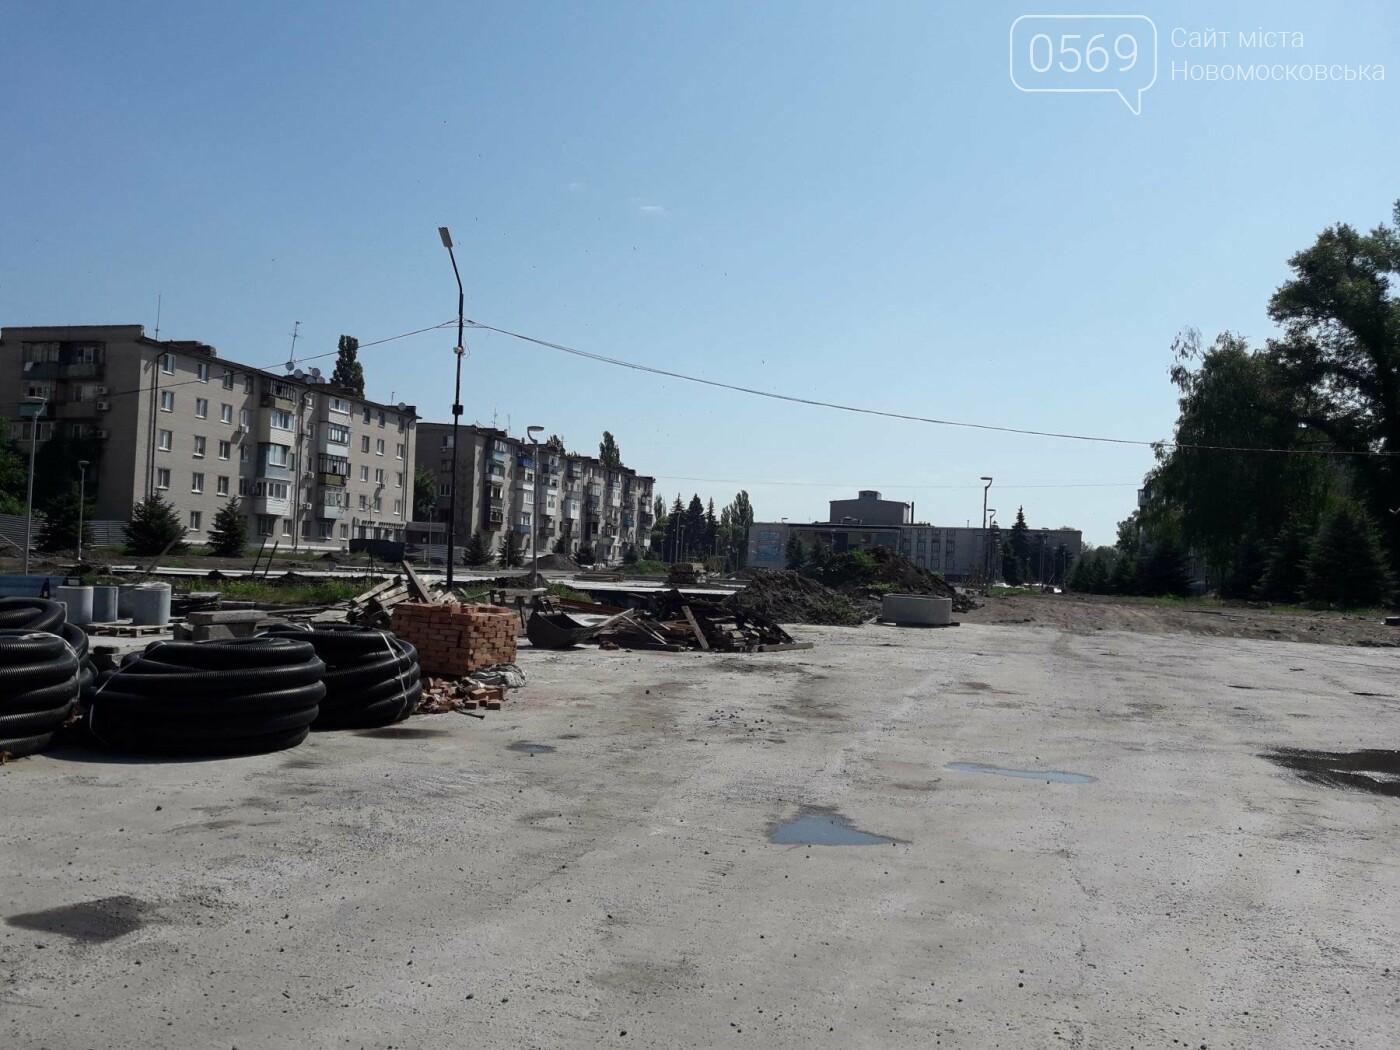 В Новомосковске продолжают реконструировать площадь Героев, фото-1